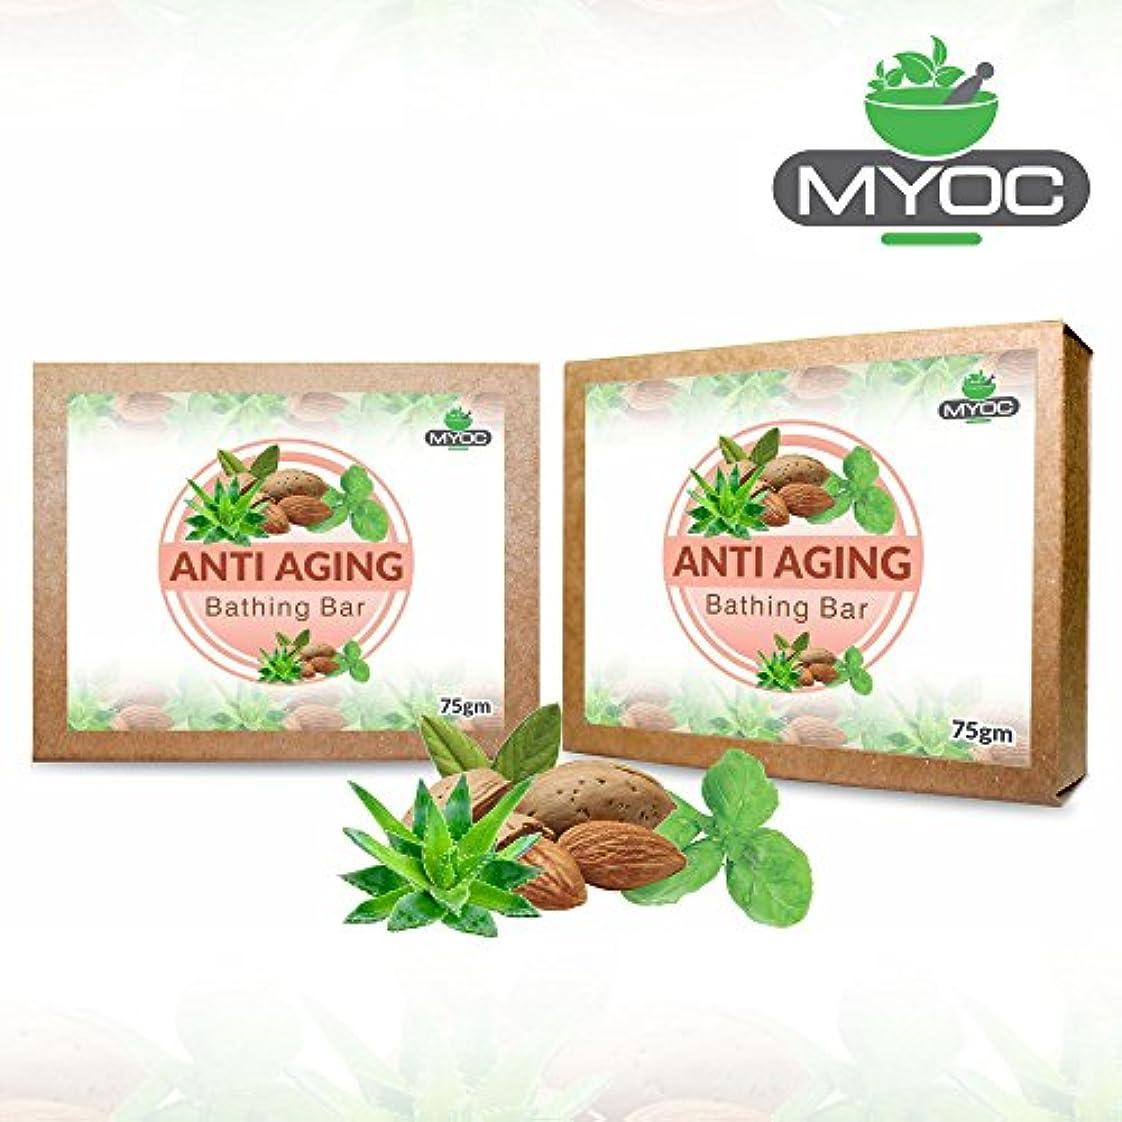 上疑わしいロードブロッキングAloe vera, Basil, Almond oil, Avocado oil, Eveneing Primrose, Vitamin E and Glycerine soap for glowing skin. Rejuvenates...